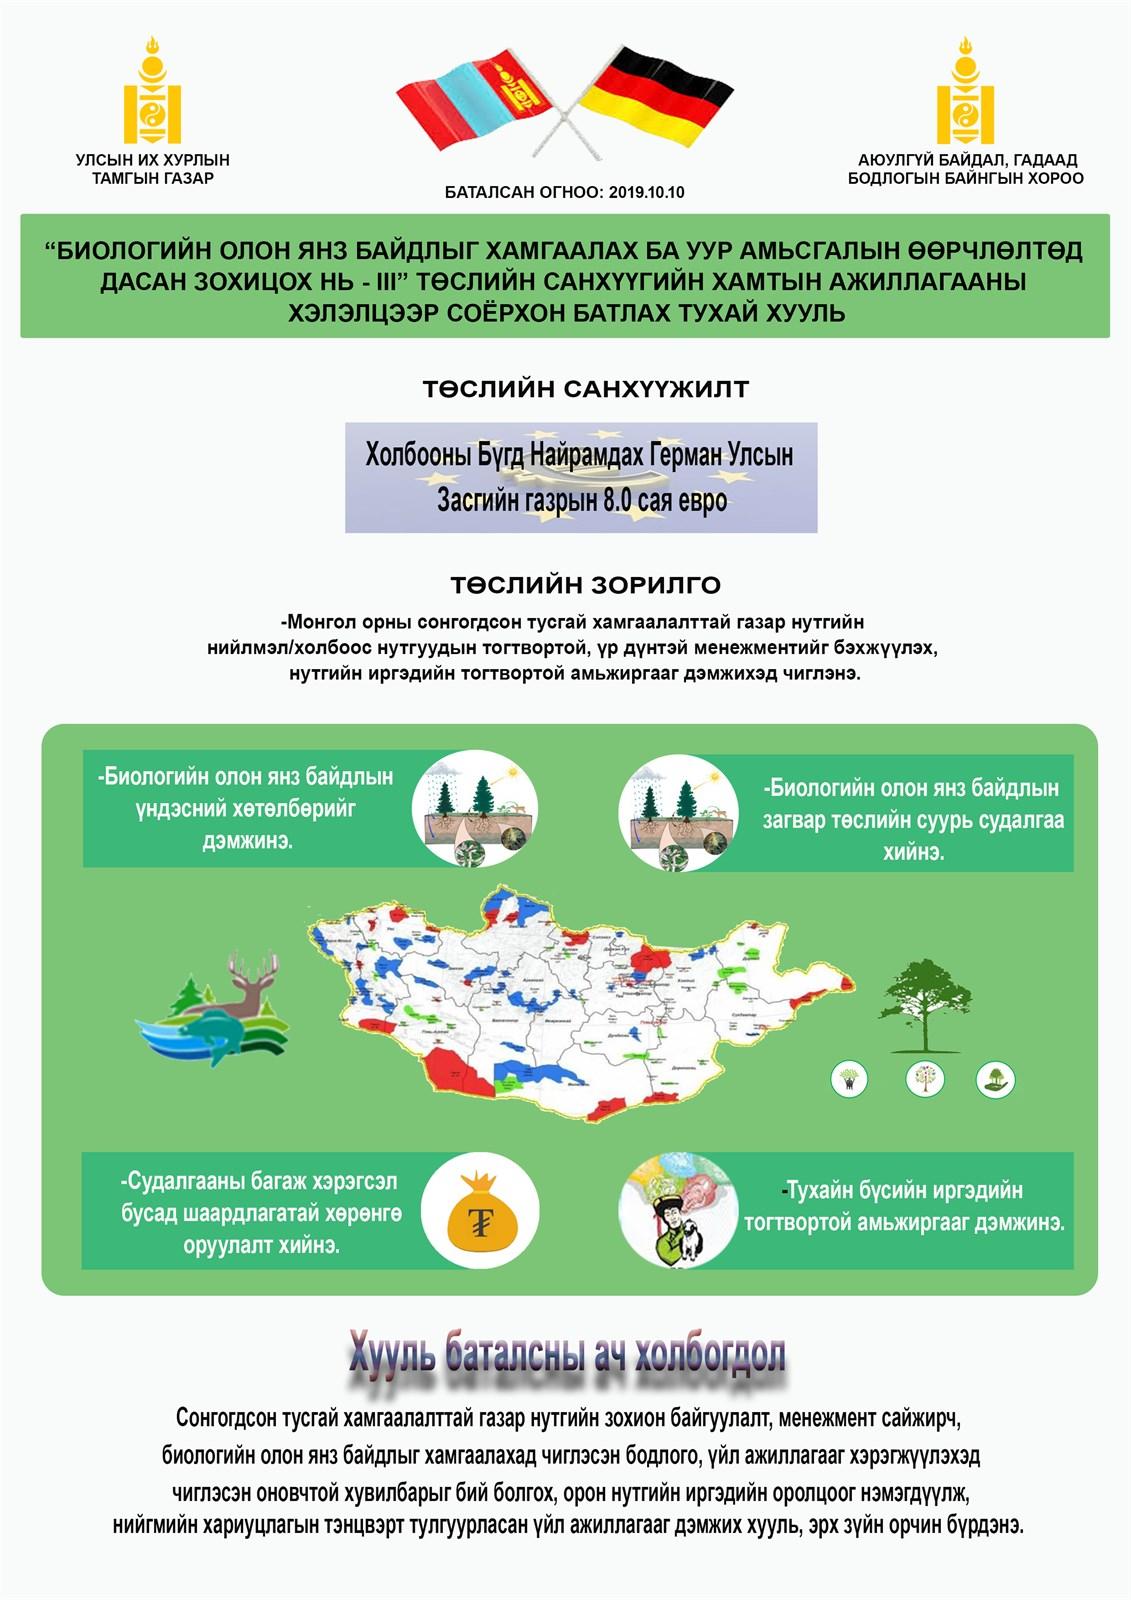 Инфографик: Санхүүгийн хамтын ажиллагааны хэлэлцээр соёрхон батлах тухай ХУУЛЬ